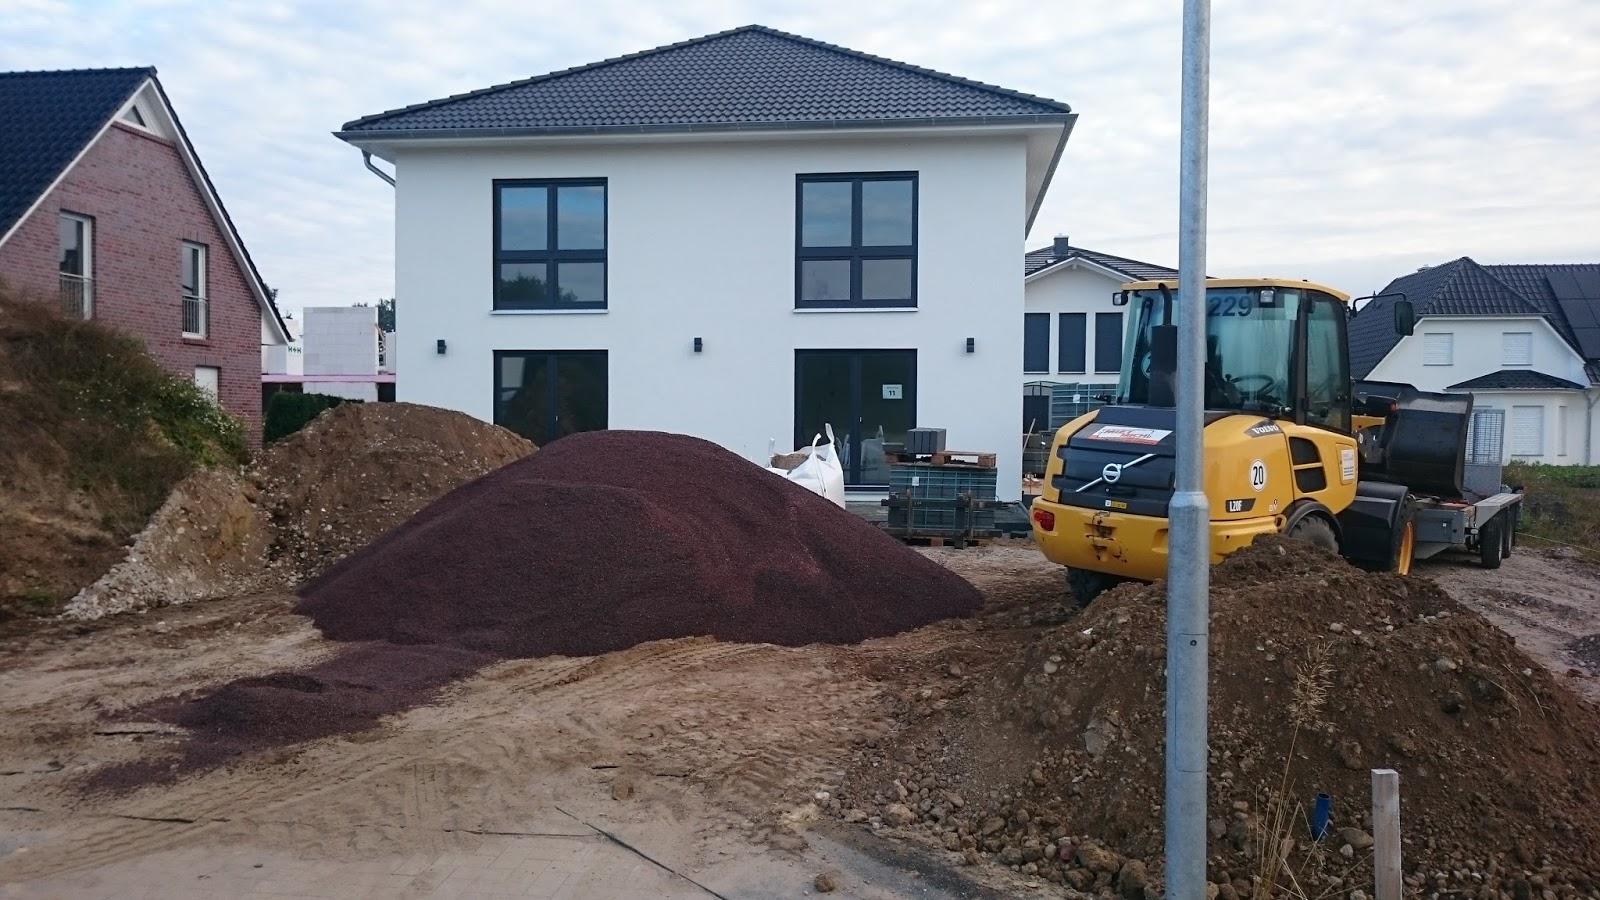 stadtvilla in elmenhorst stein f r stein die einfahrt entsteht. Black Bedroom Furniture Sets. Home Design Ideas